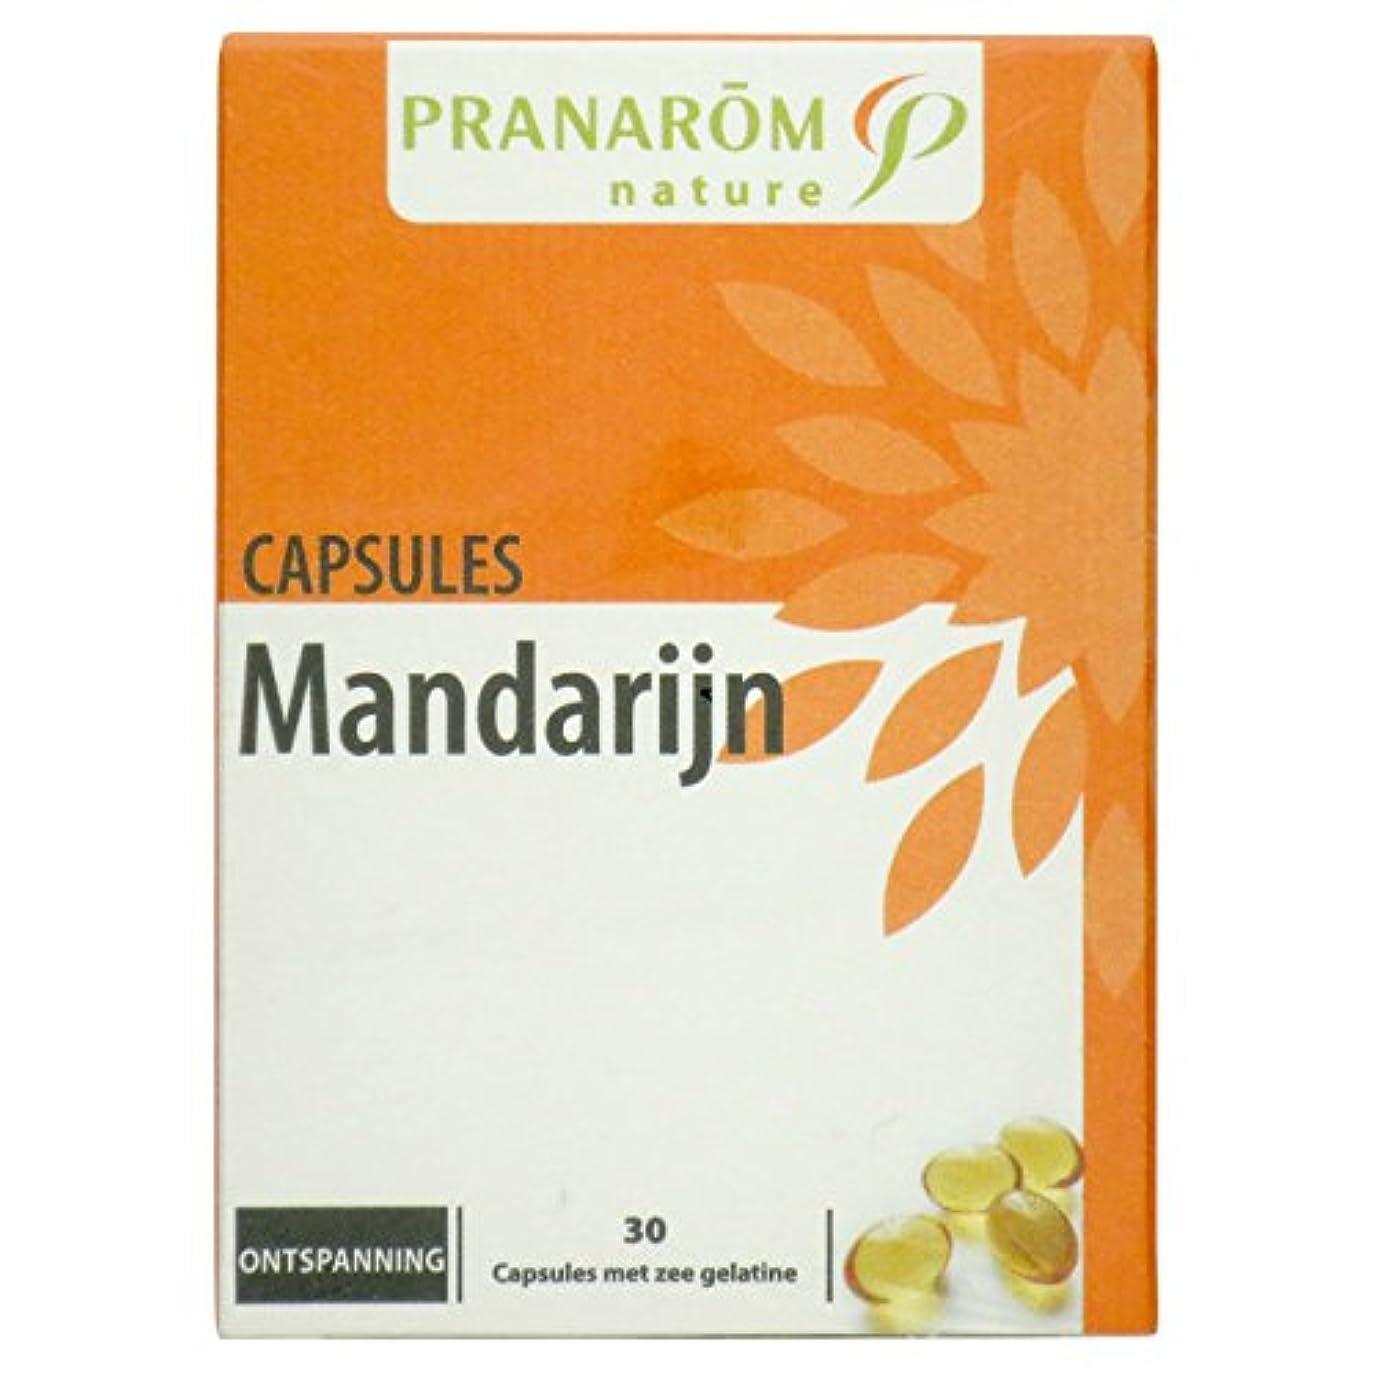 に頼る陸軍甘くするプラナロム マンダリンカプセル 30粒 (PRANAROM サプリメント)